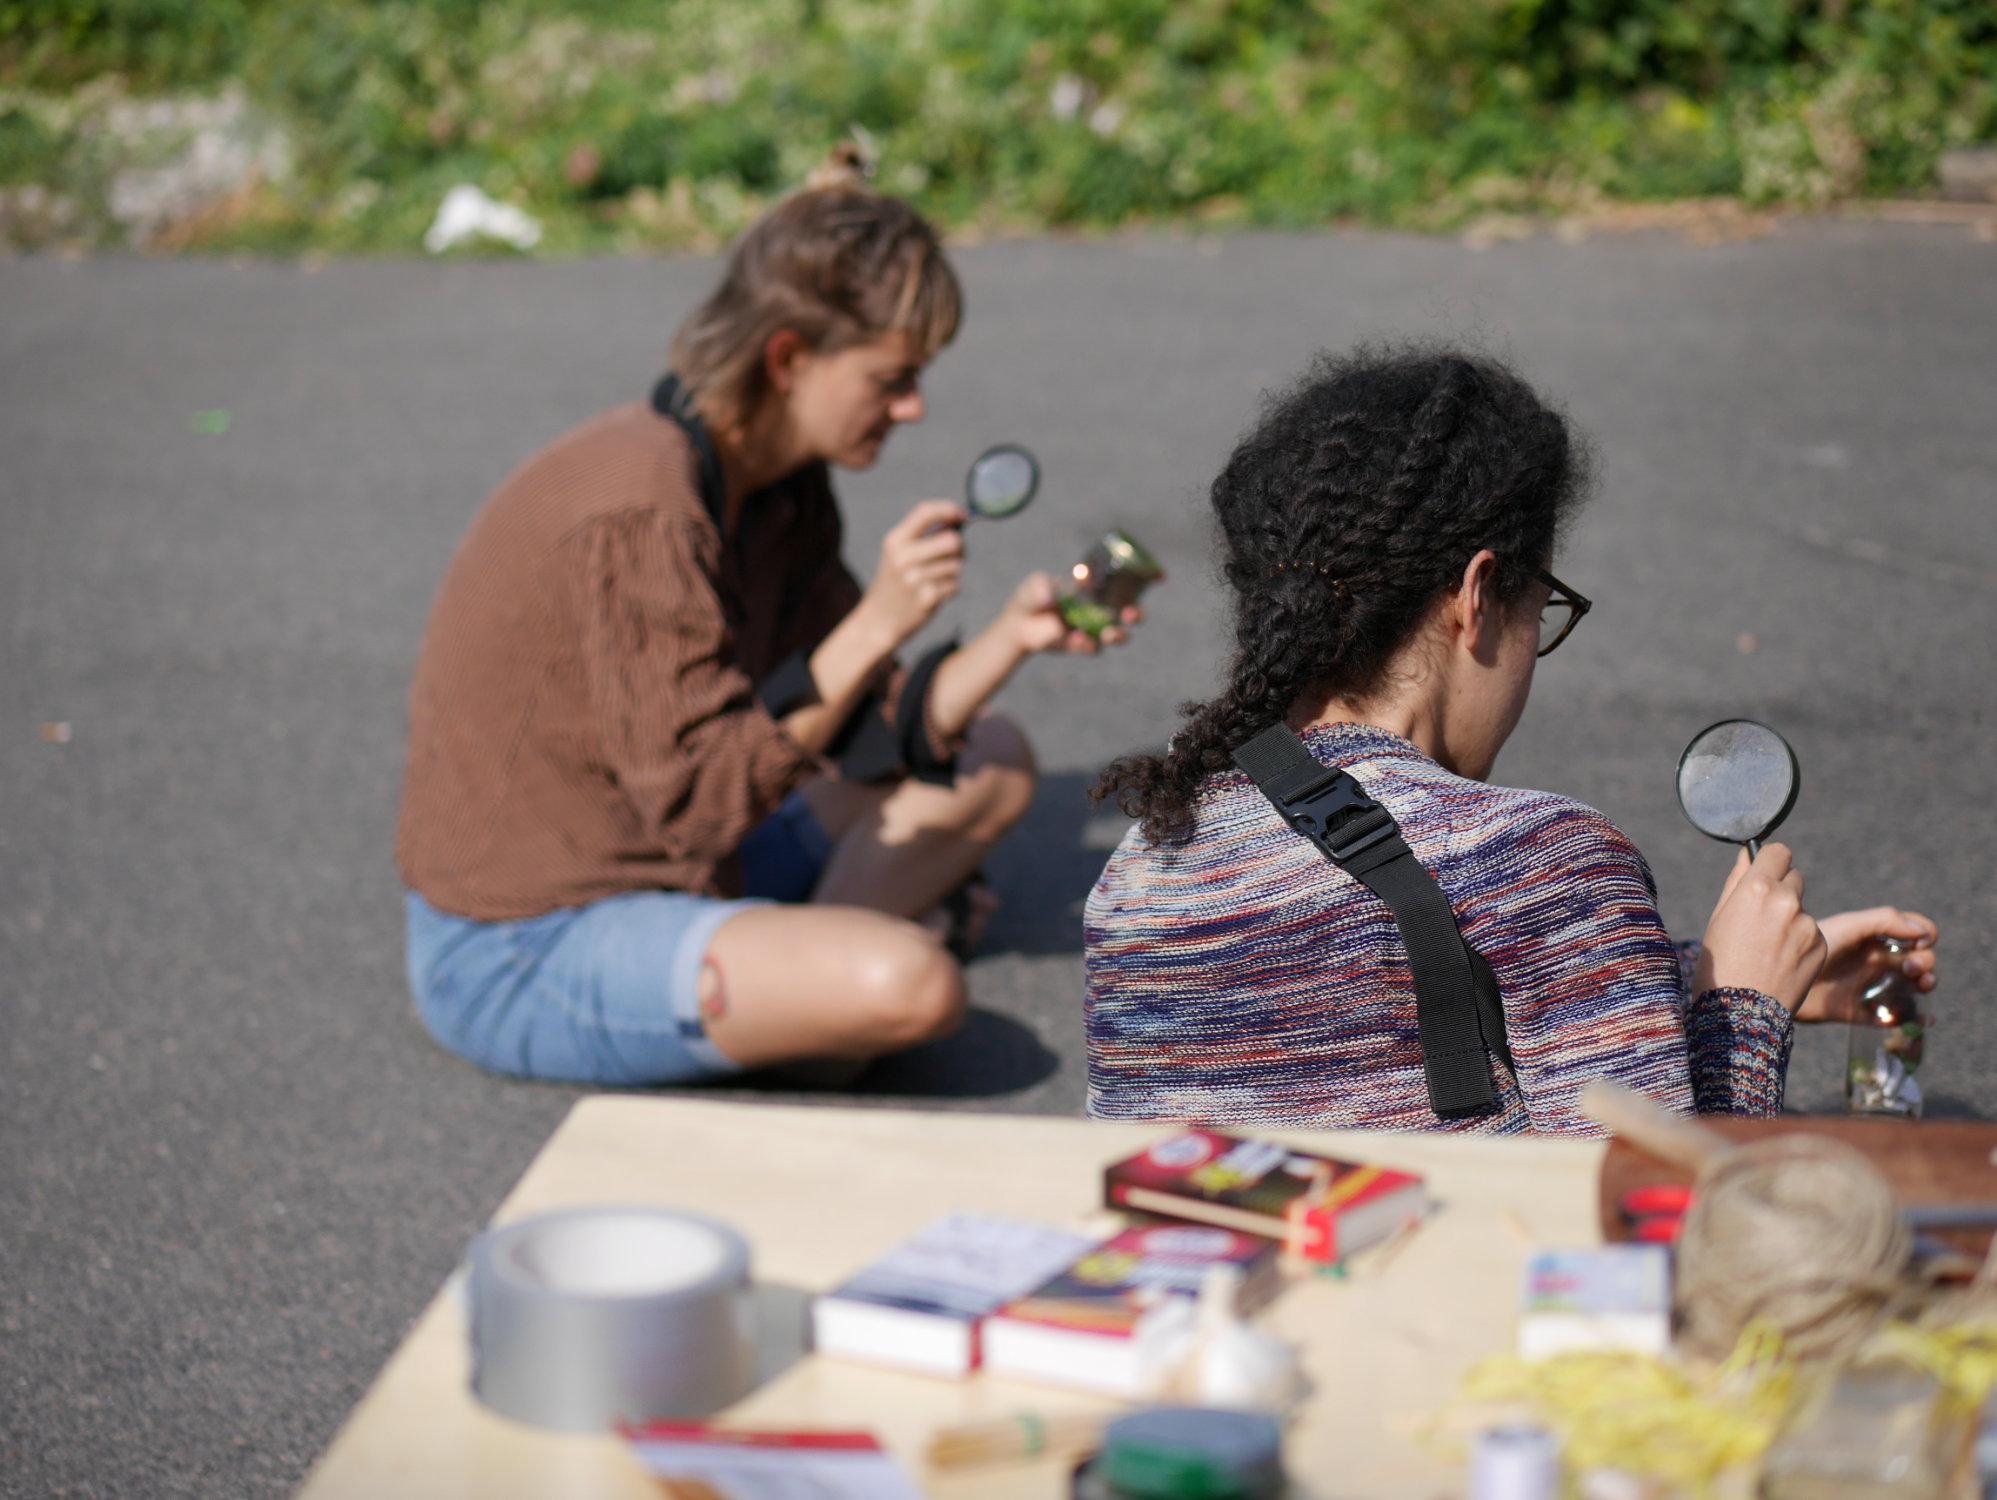 <p><b>DIY Stinkbomben<br /> </b><b>Workshop</b> mit Alanna Lynch (Nominierte für den Berlin Art Prize 2018)</p> <p>Alanna Lynch zeigte, wie sich aus haushaltsüblichen Materialien und Sonne schwefelbasierte Stinkbomben herstellen lassen. Zusammen mit den TeilnehmerInnen diskutierte sie über den Geruchssinn und über das Vermögen von Düften, Raum einzunehmen oder Gefühle hervorzurufen.</p>